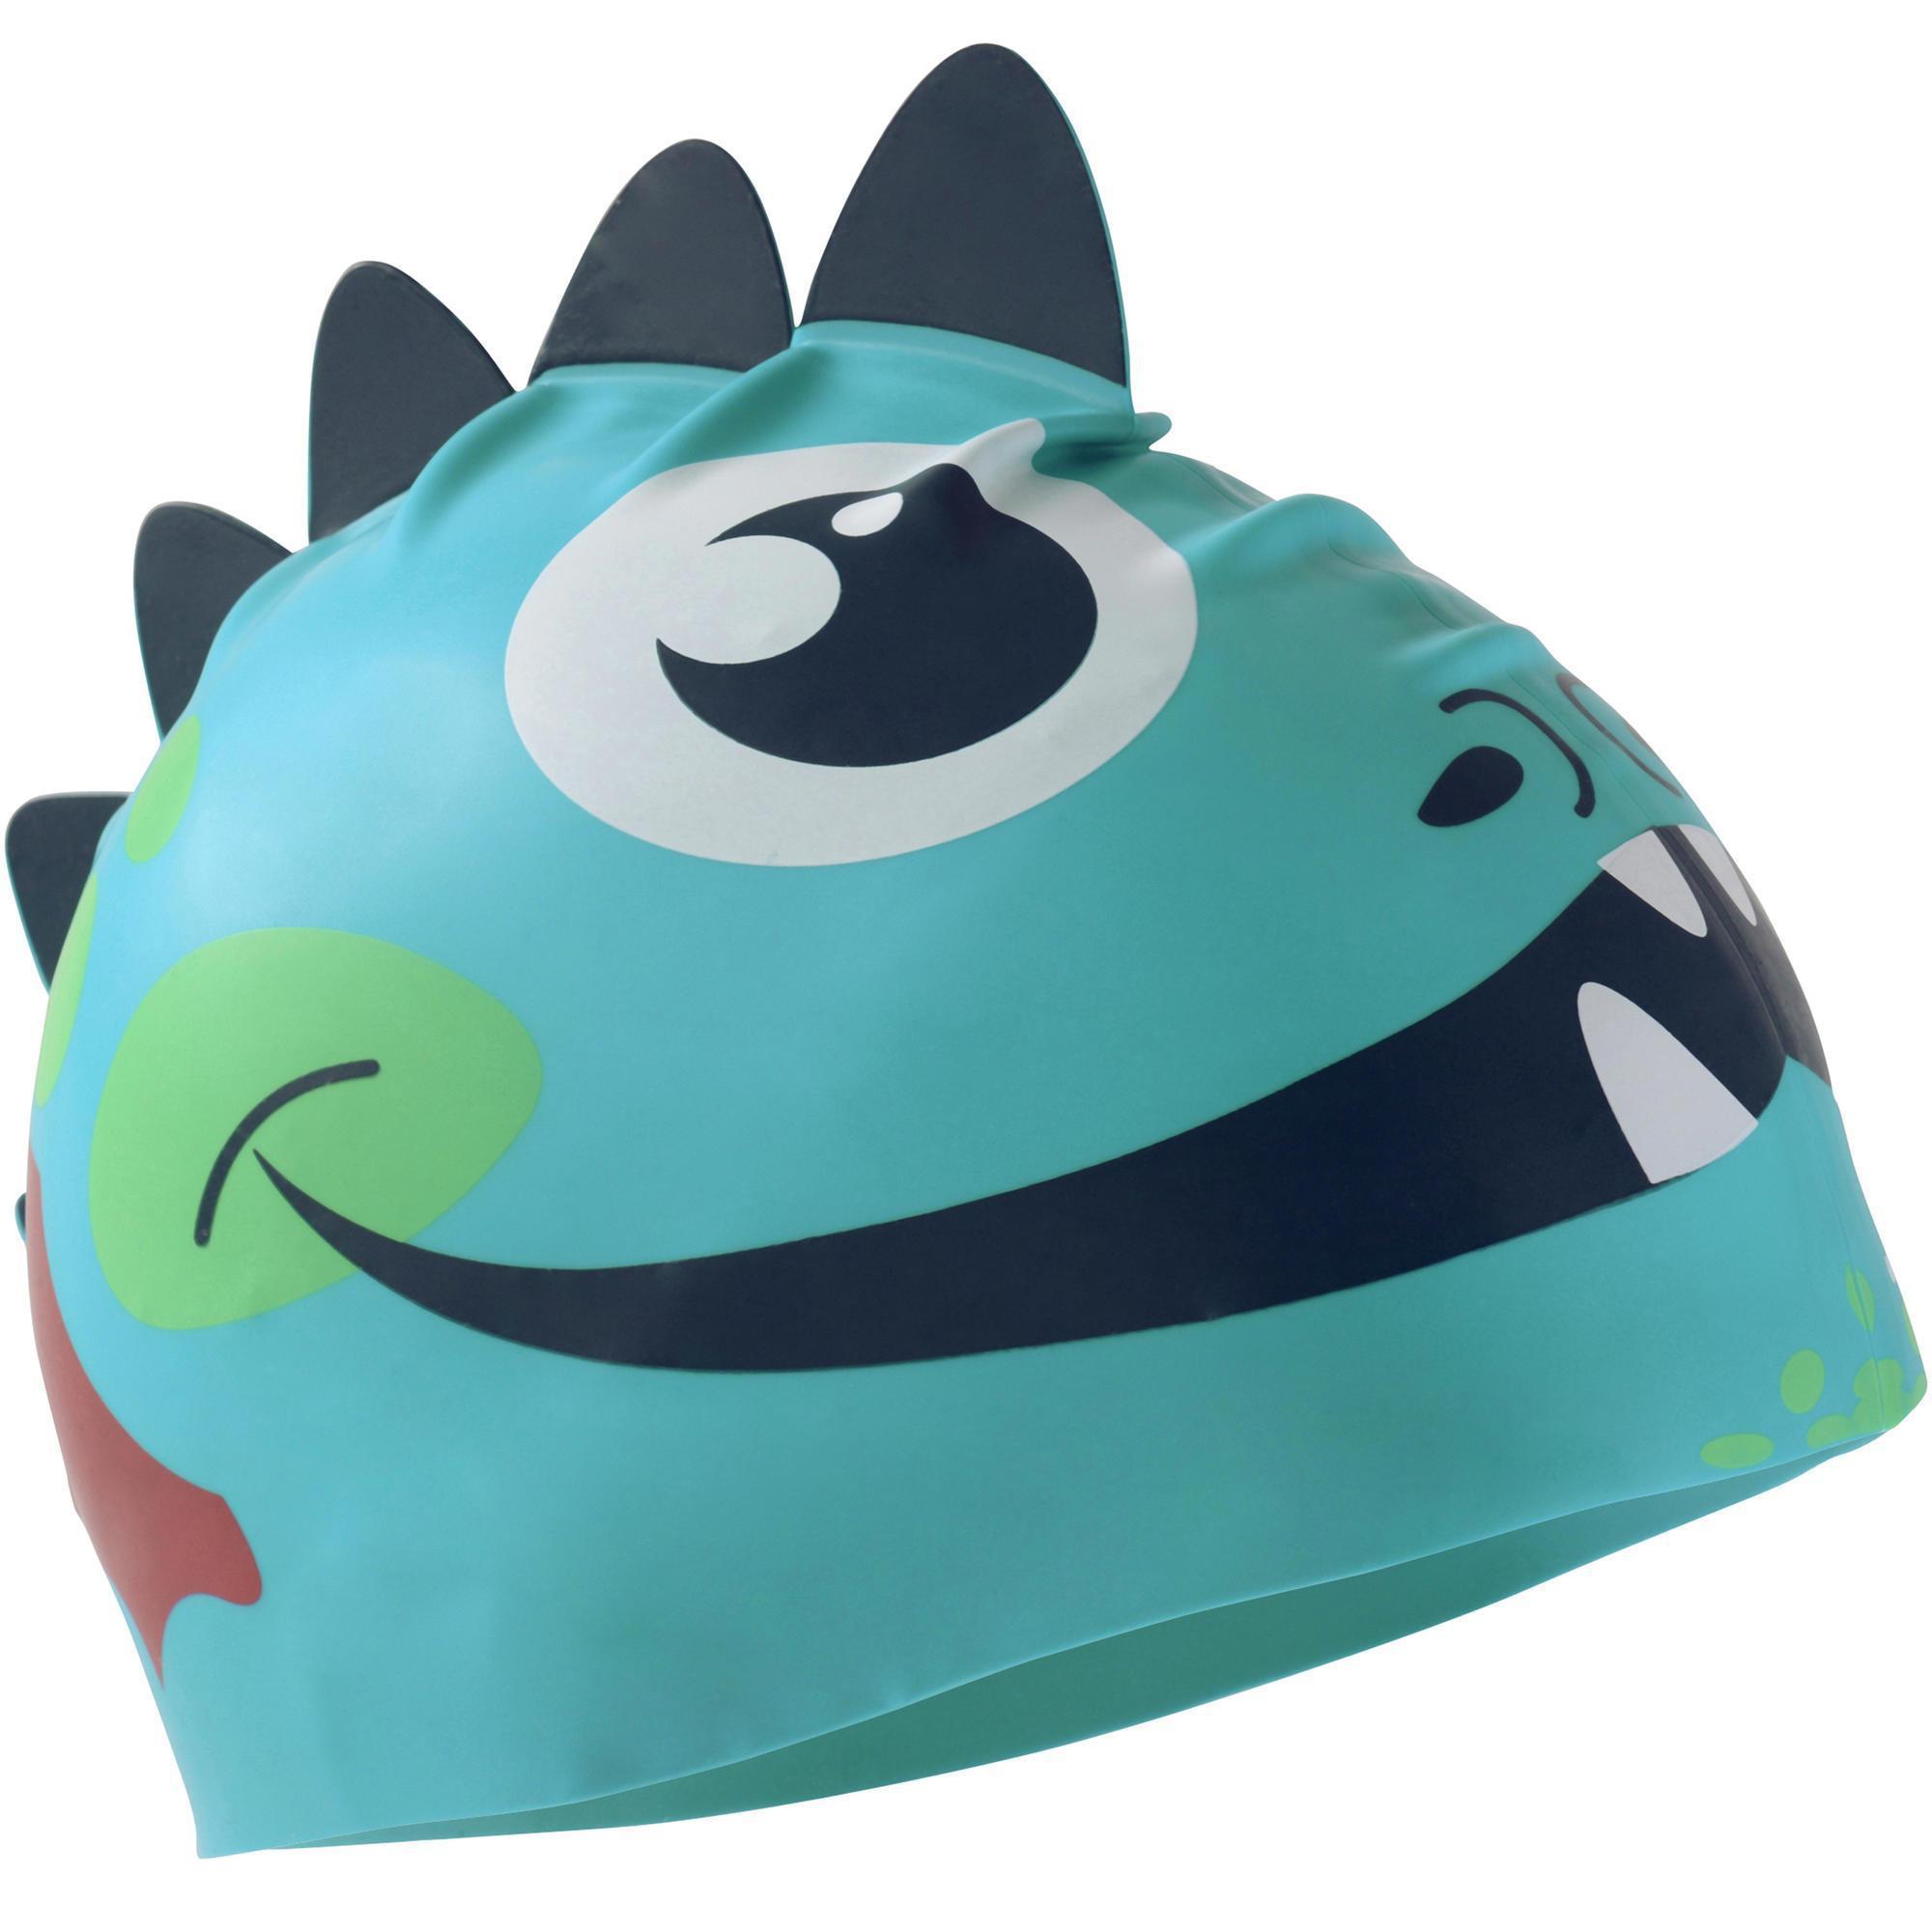 Bonnet De Bain Silicone Form Dragon Bleu dedans Bonnet De Bain Piscine